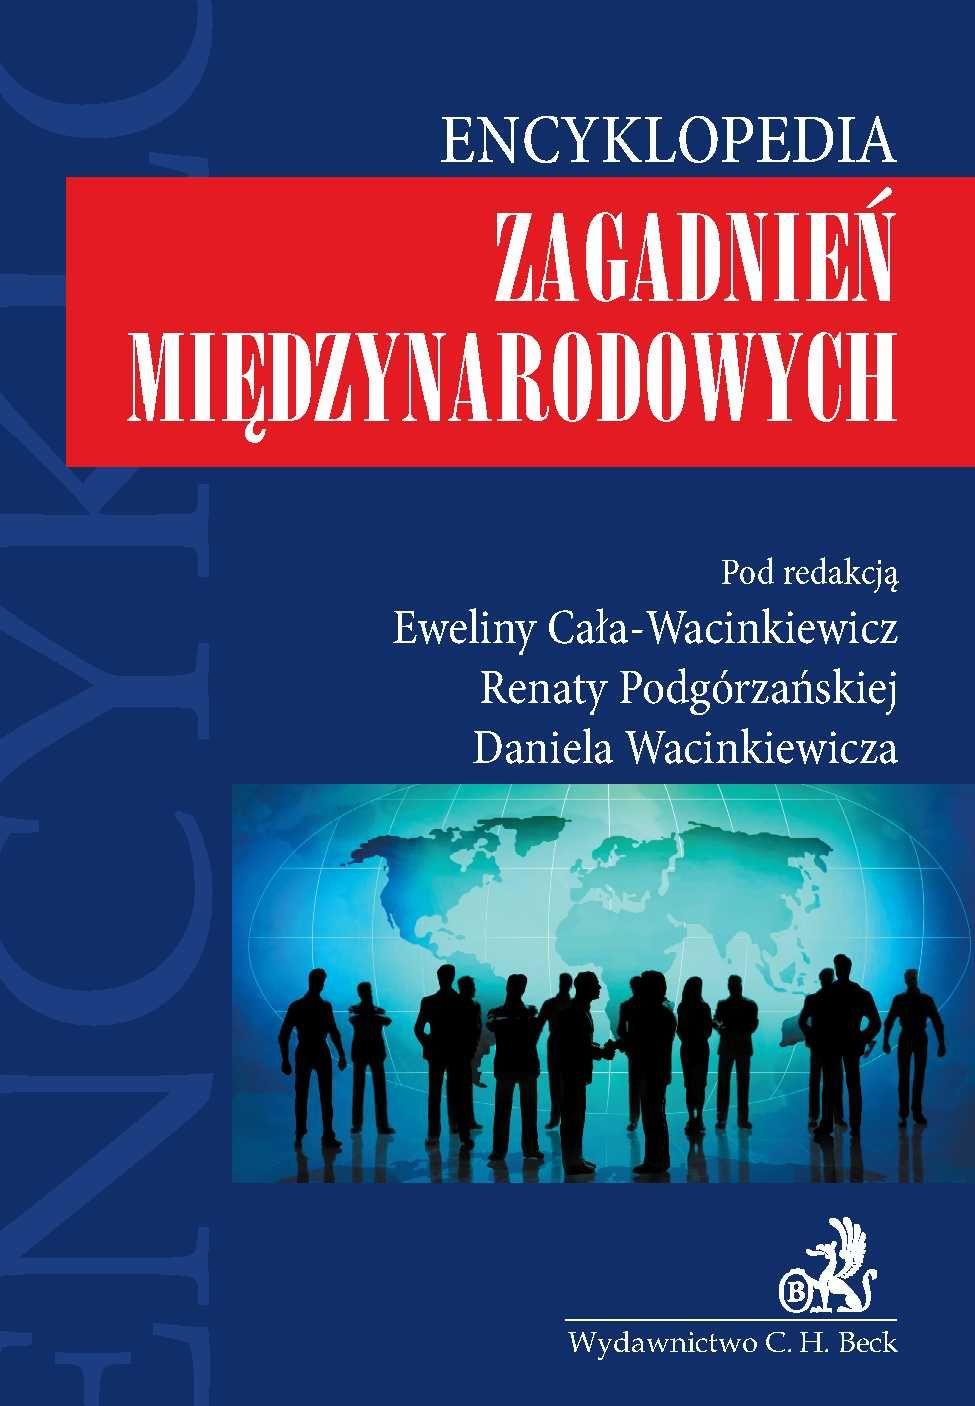 Encyklopedia zagadnień międzynarodowych - Ebook (Książka PDF) do pobrania w formacie PDF